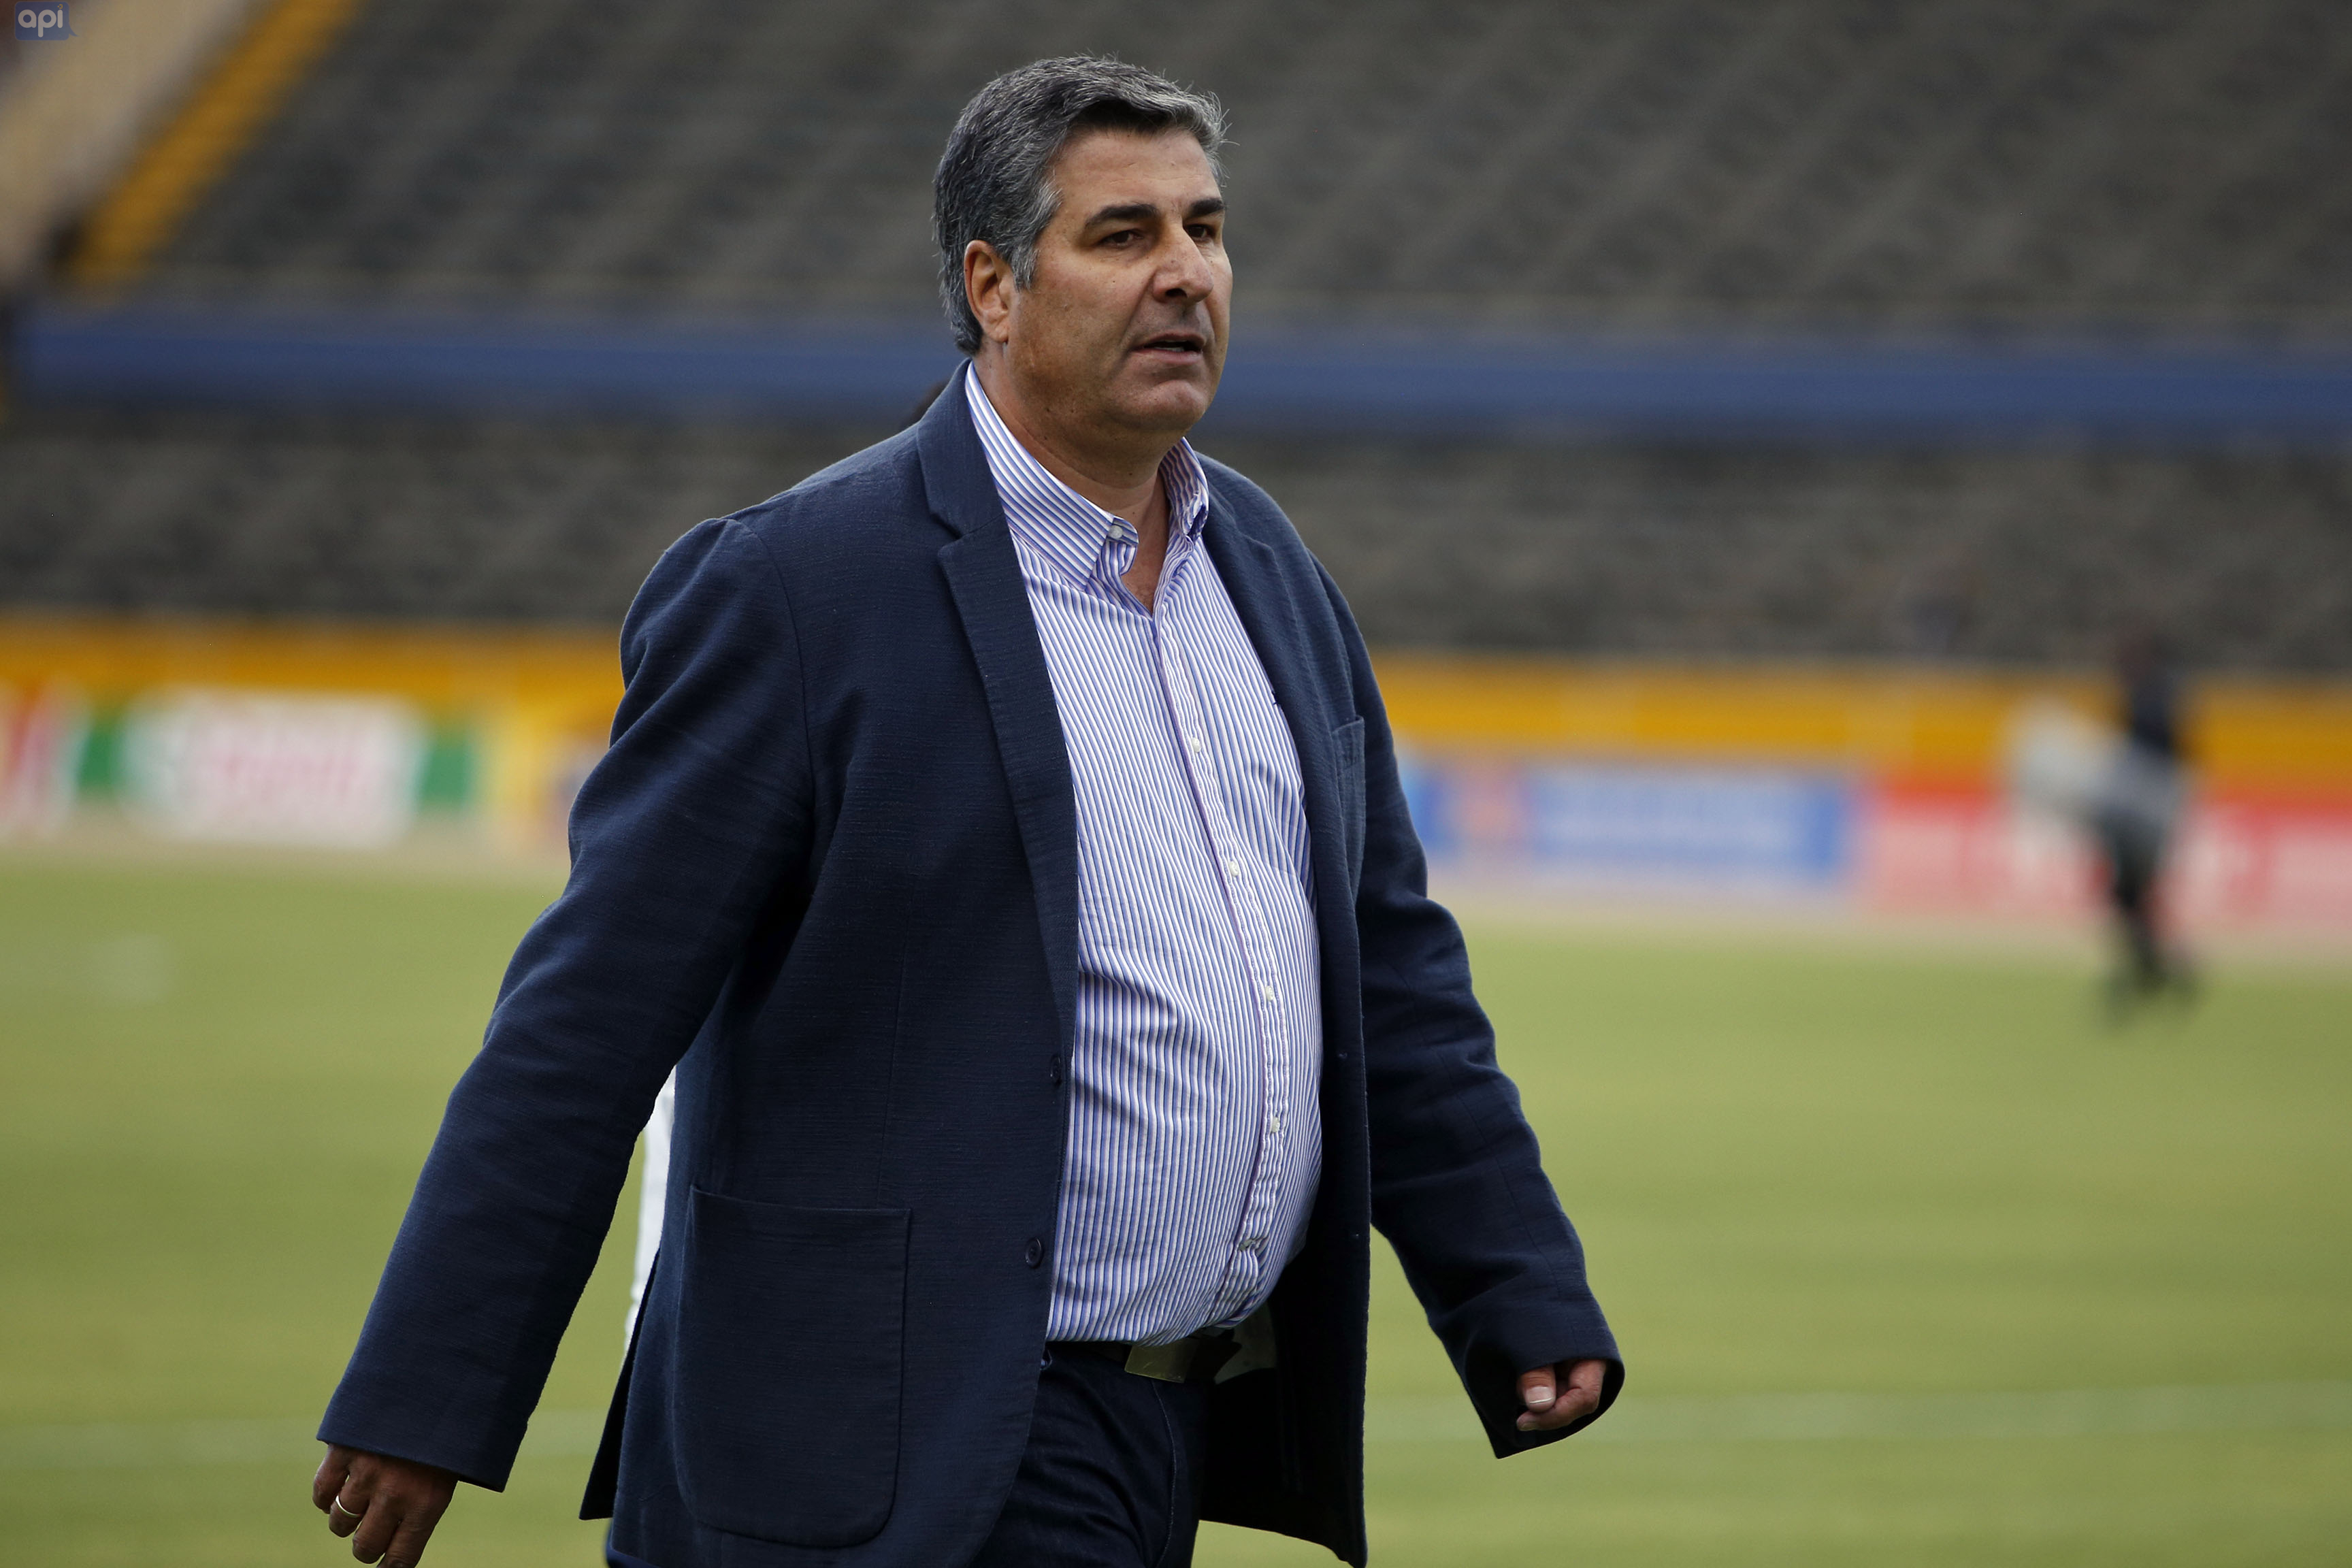 """Santiago Escobar admitió su molestia por haber dejado escapar la clasificación a Copa Libertadores, pero ahora con más calma, indicó su deseo por continuar en la """"Chatolei"""""""